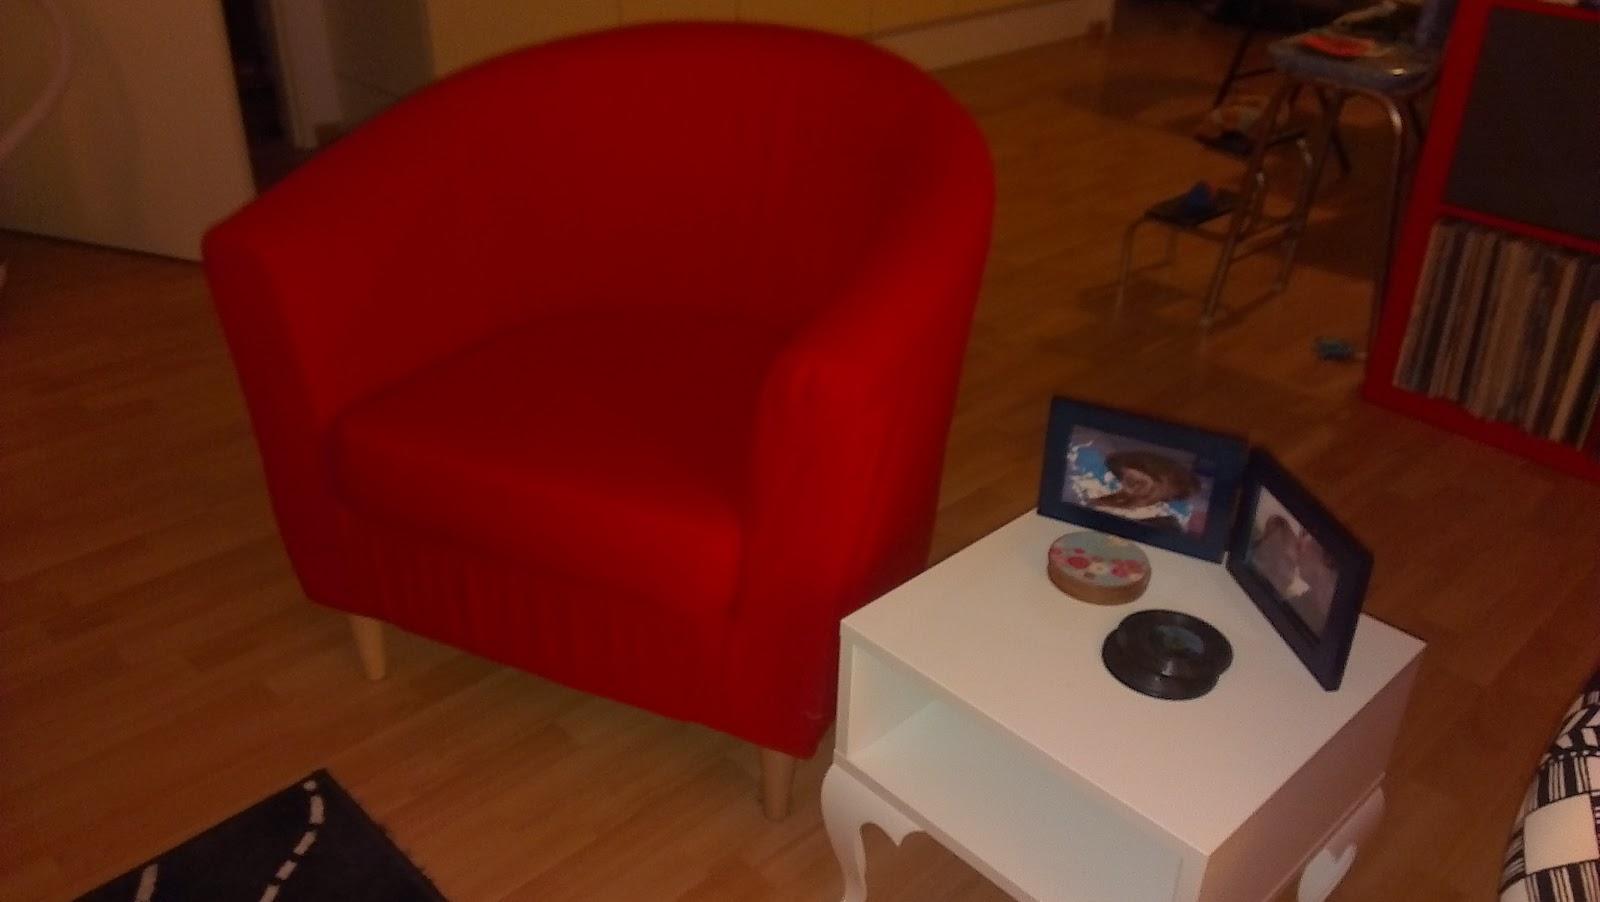 ace the adventure ikea vrijdag tullsta fauteuil armchair. Black Bedroom Furniture Sets. Home Design Ideas